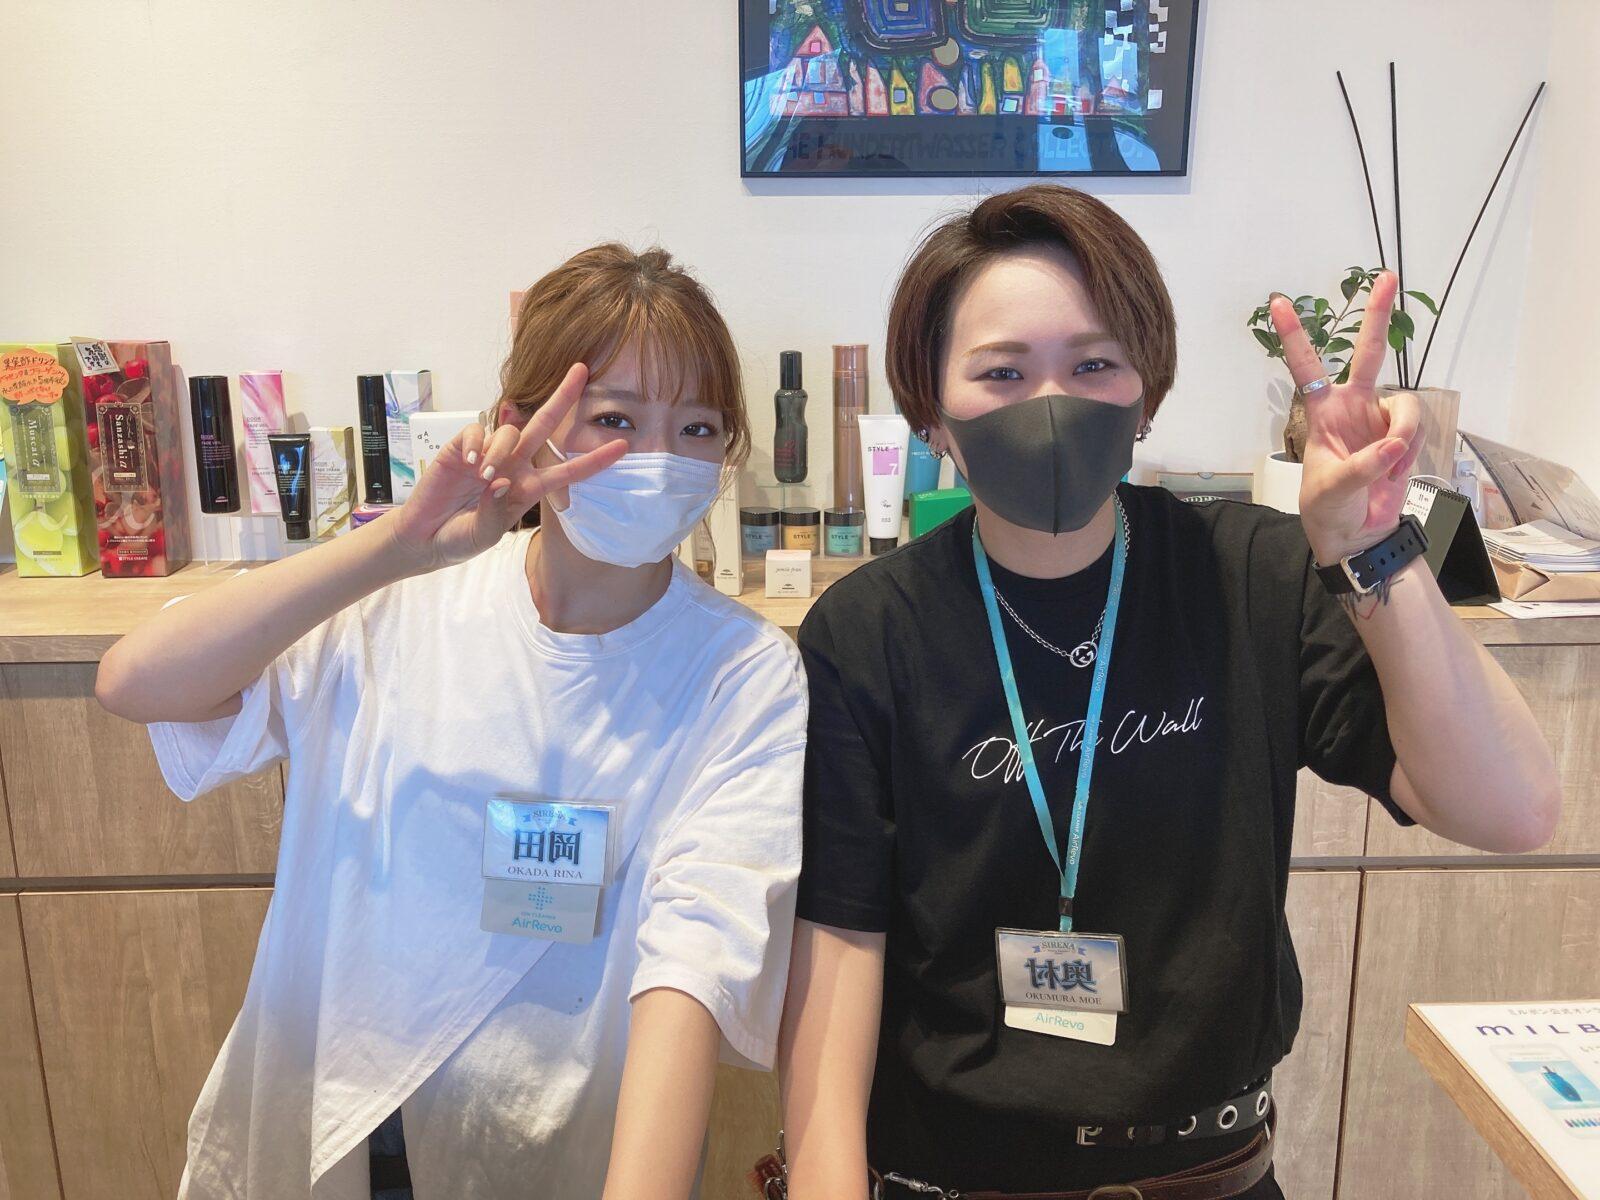 岐阜羽島 美容院 かわいい 美容師